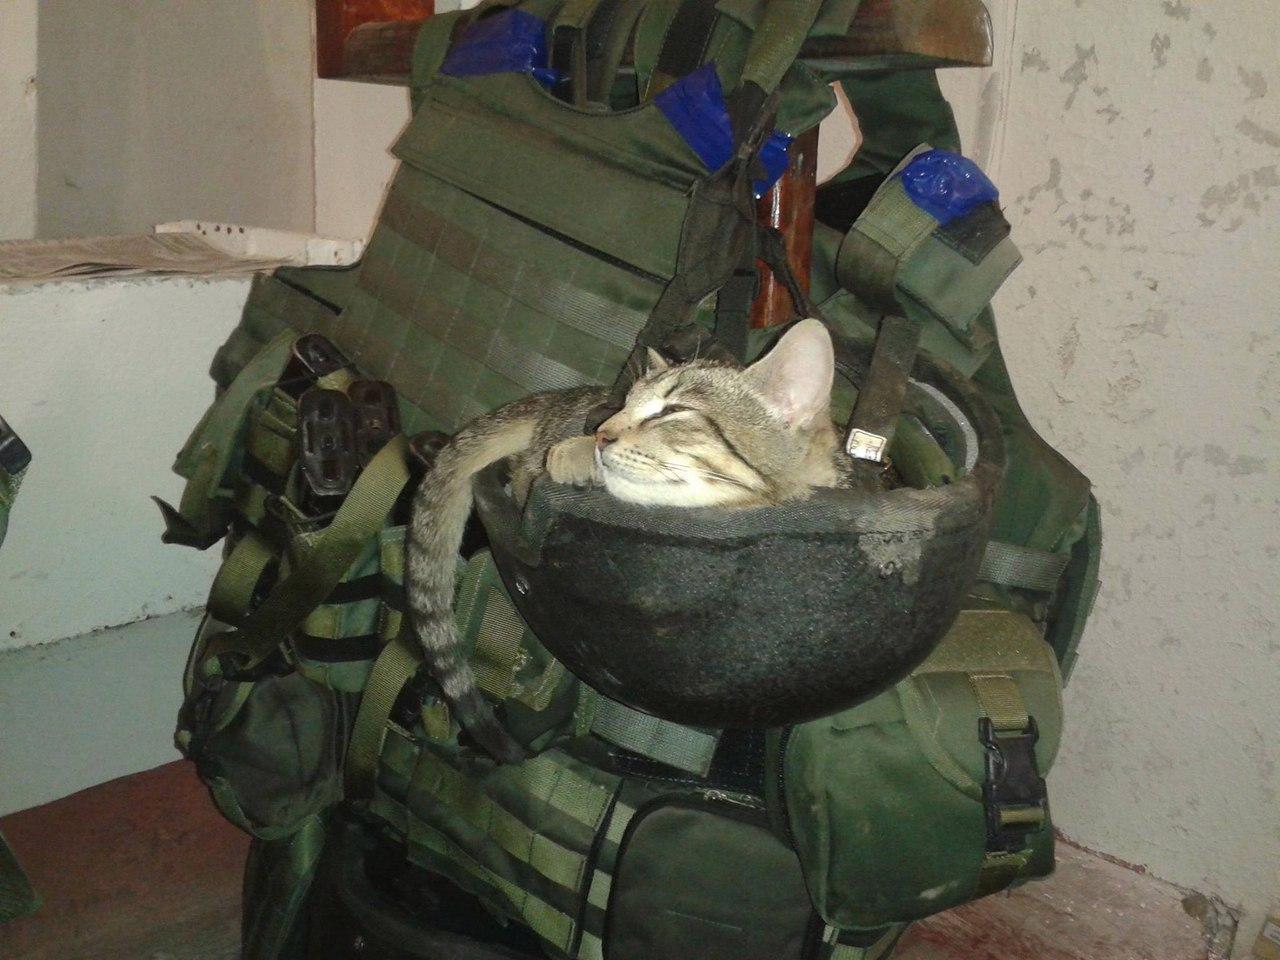 Минобороны опубликовало фото домашних любимцев, которые помогают украинским бойцам на передовой - Цензор.НЕТ 2819